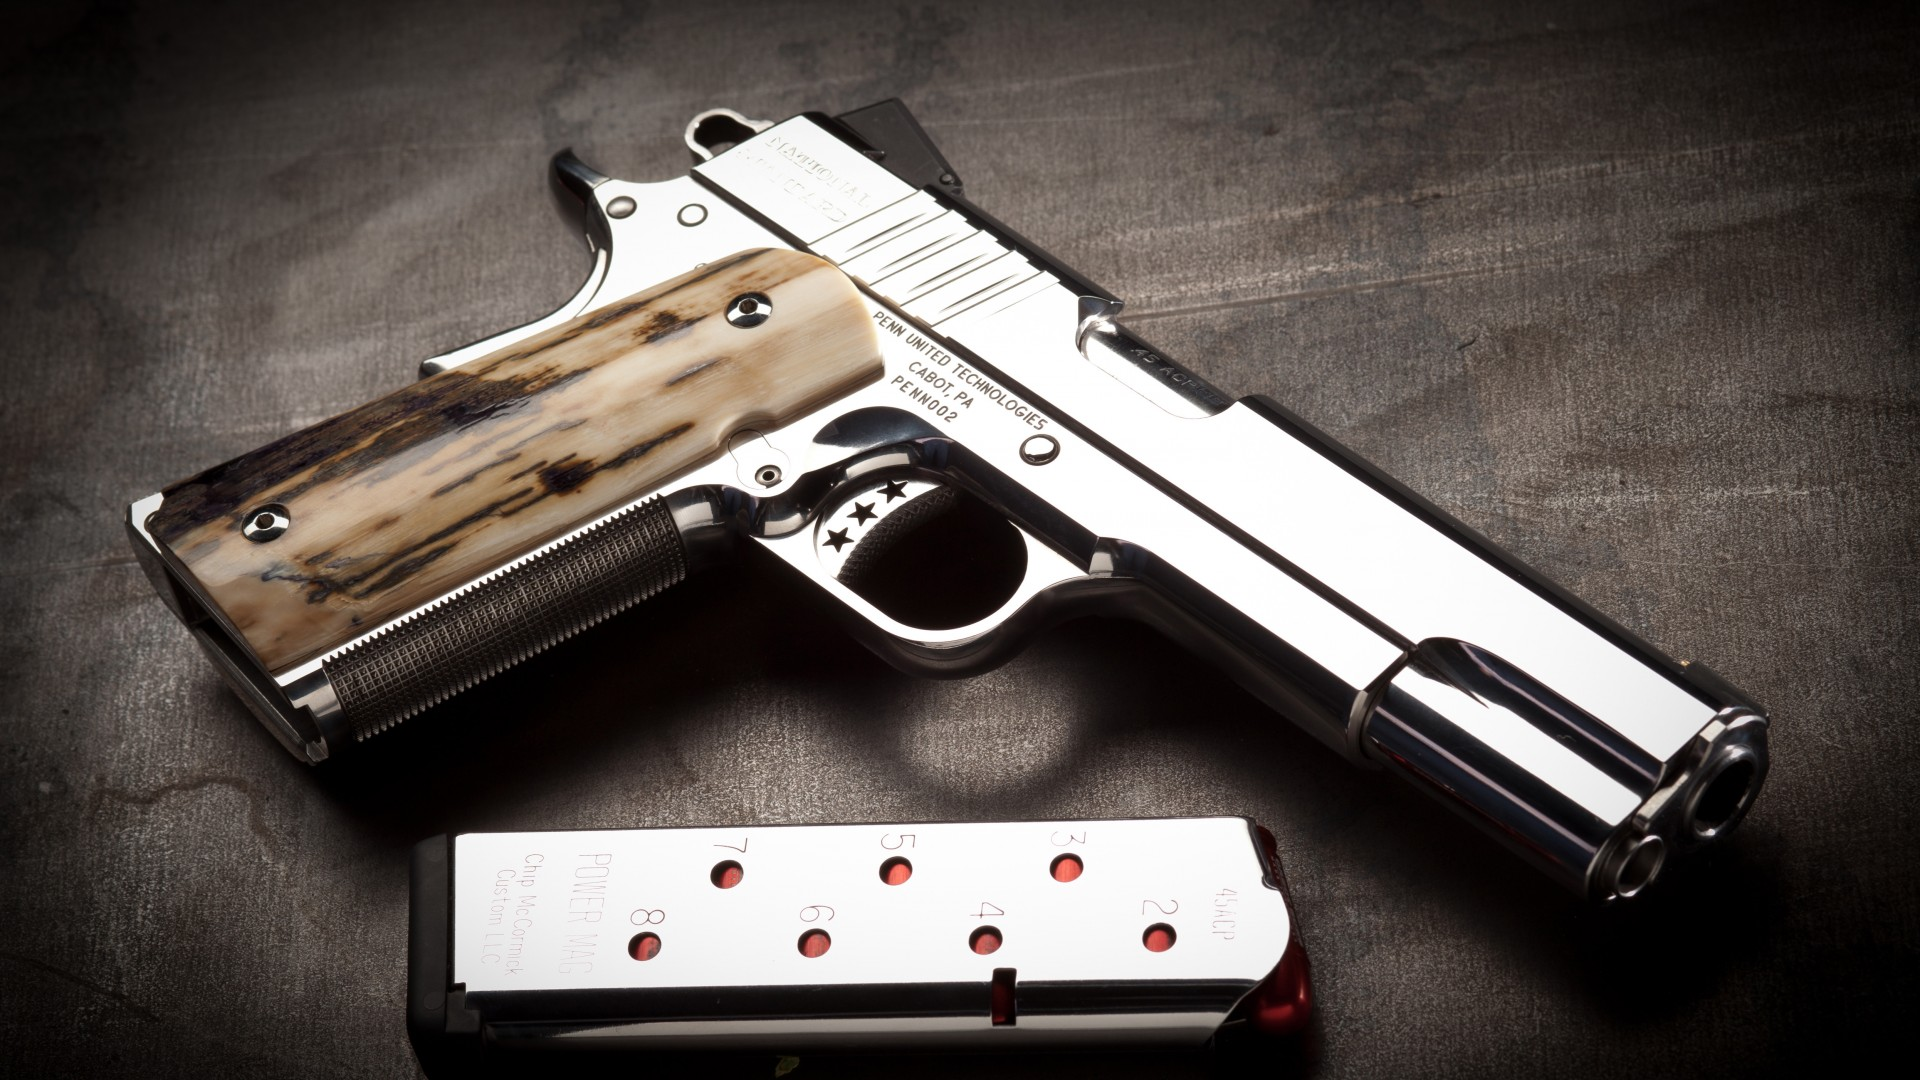 Cabot Guns Wallpaper Military Weapons Cabot Guns pistol 1911 1920x1080